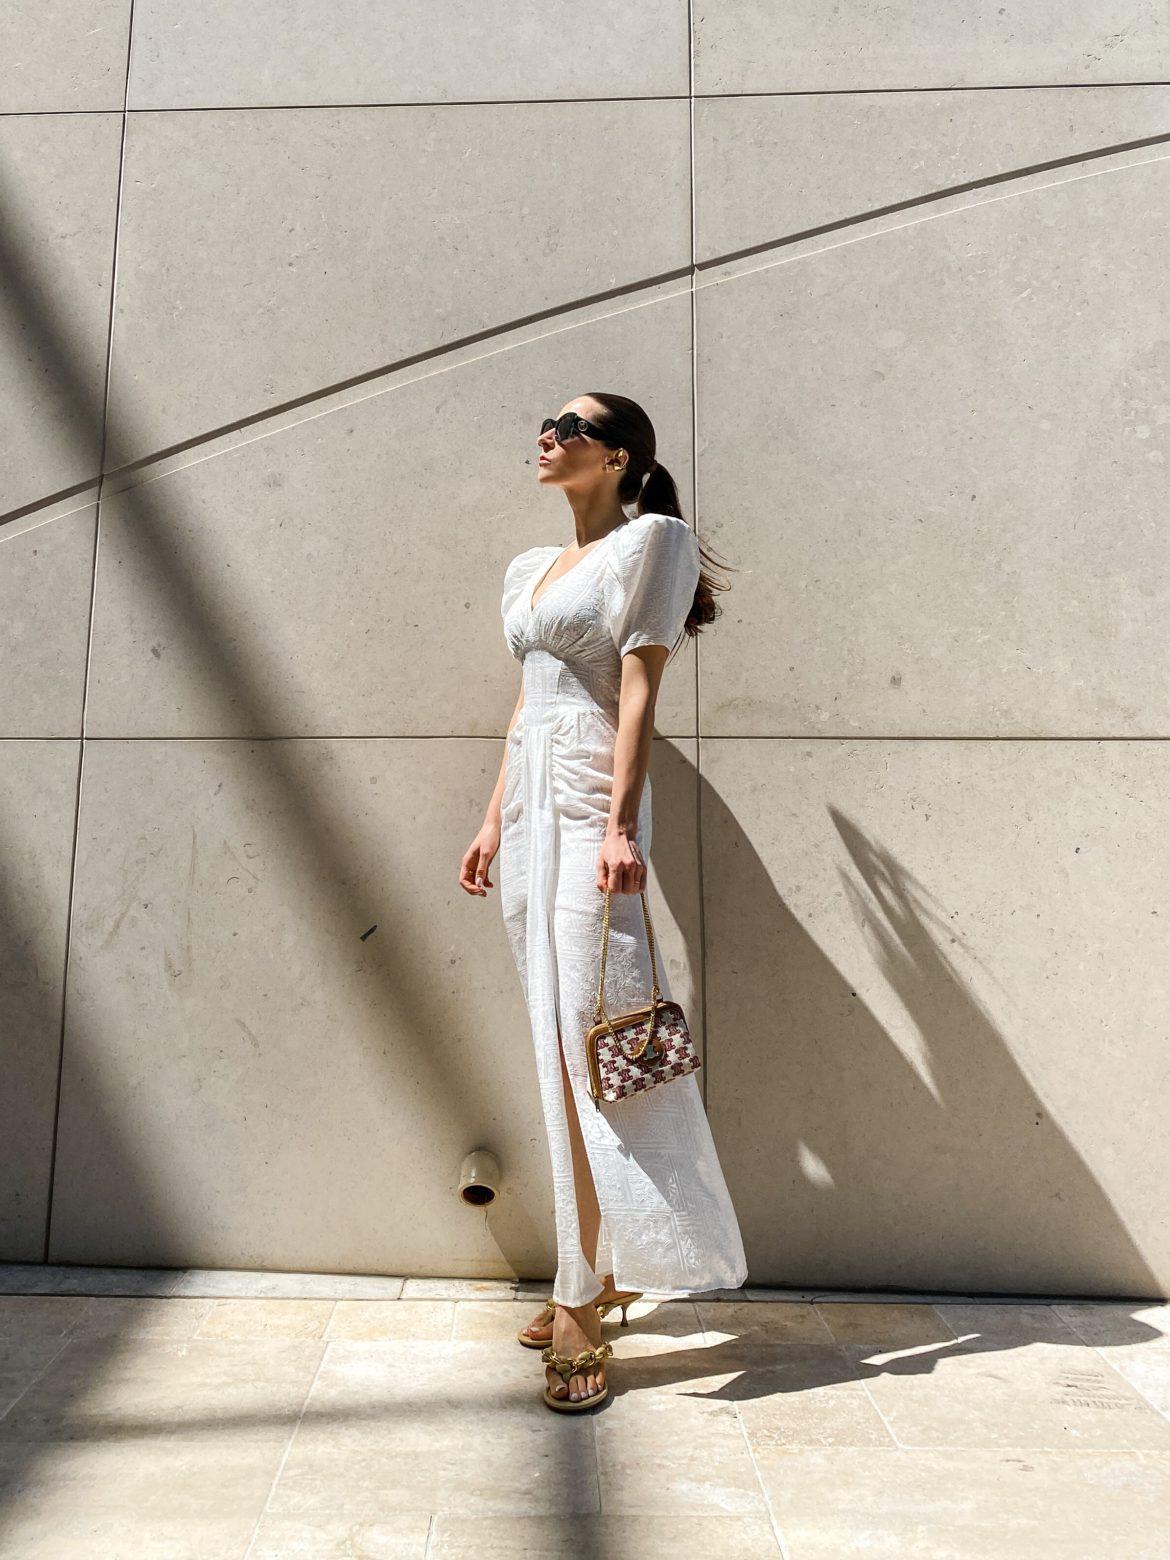 White dress summer dress alma dress white party bottega veneta chain sandals celine clutch bag